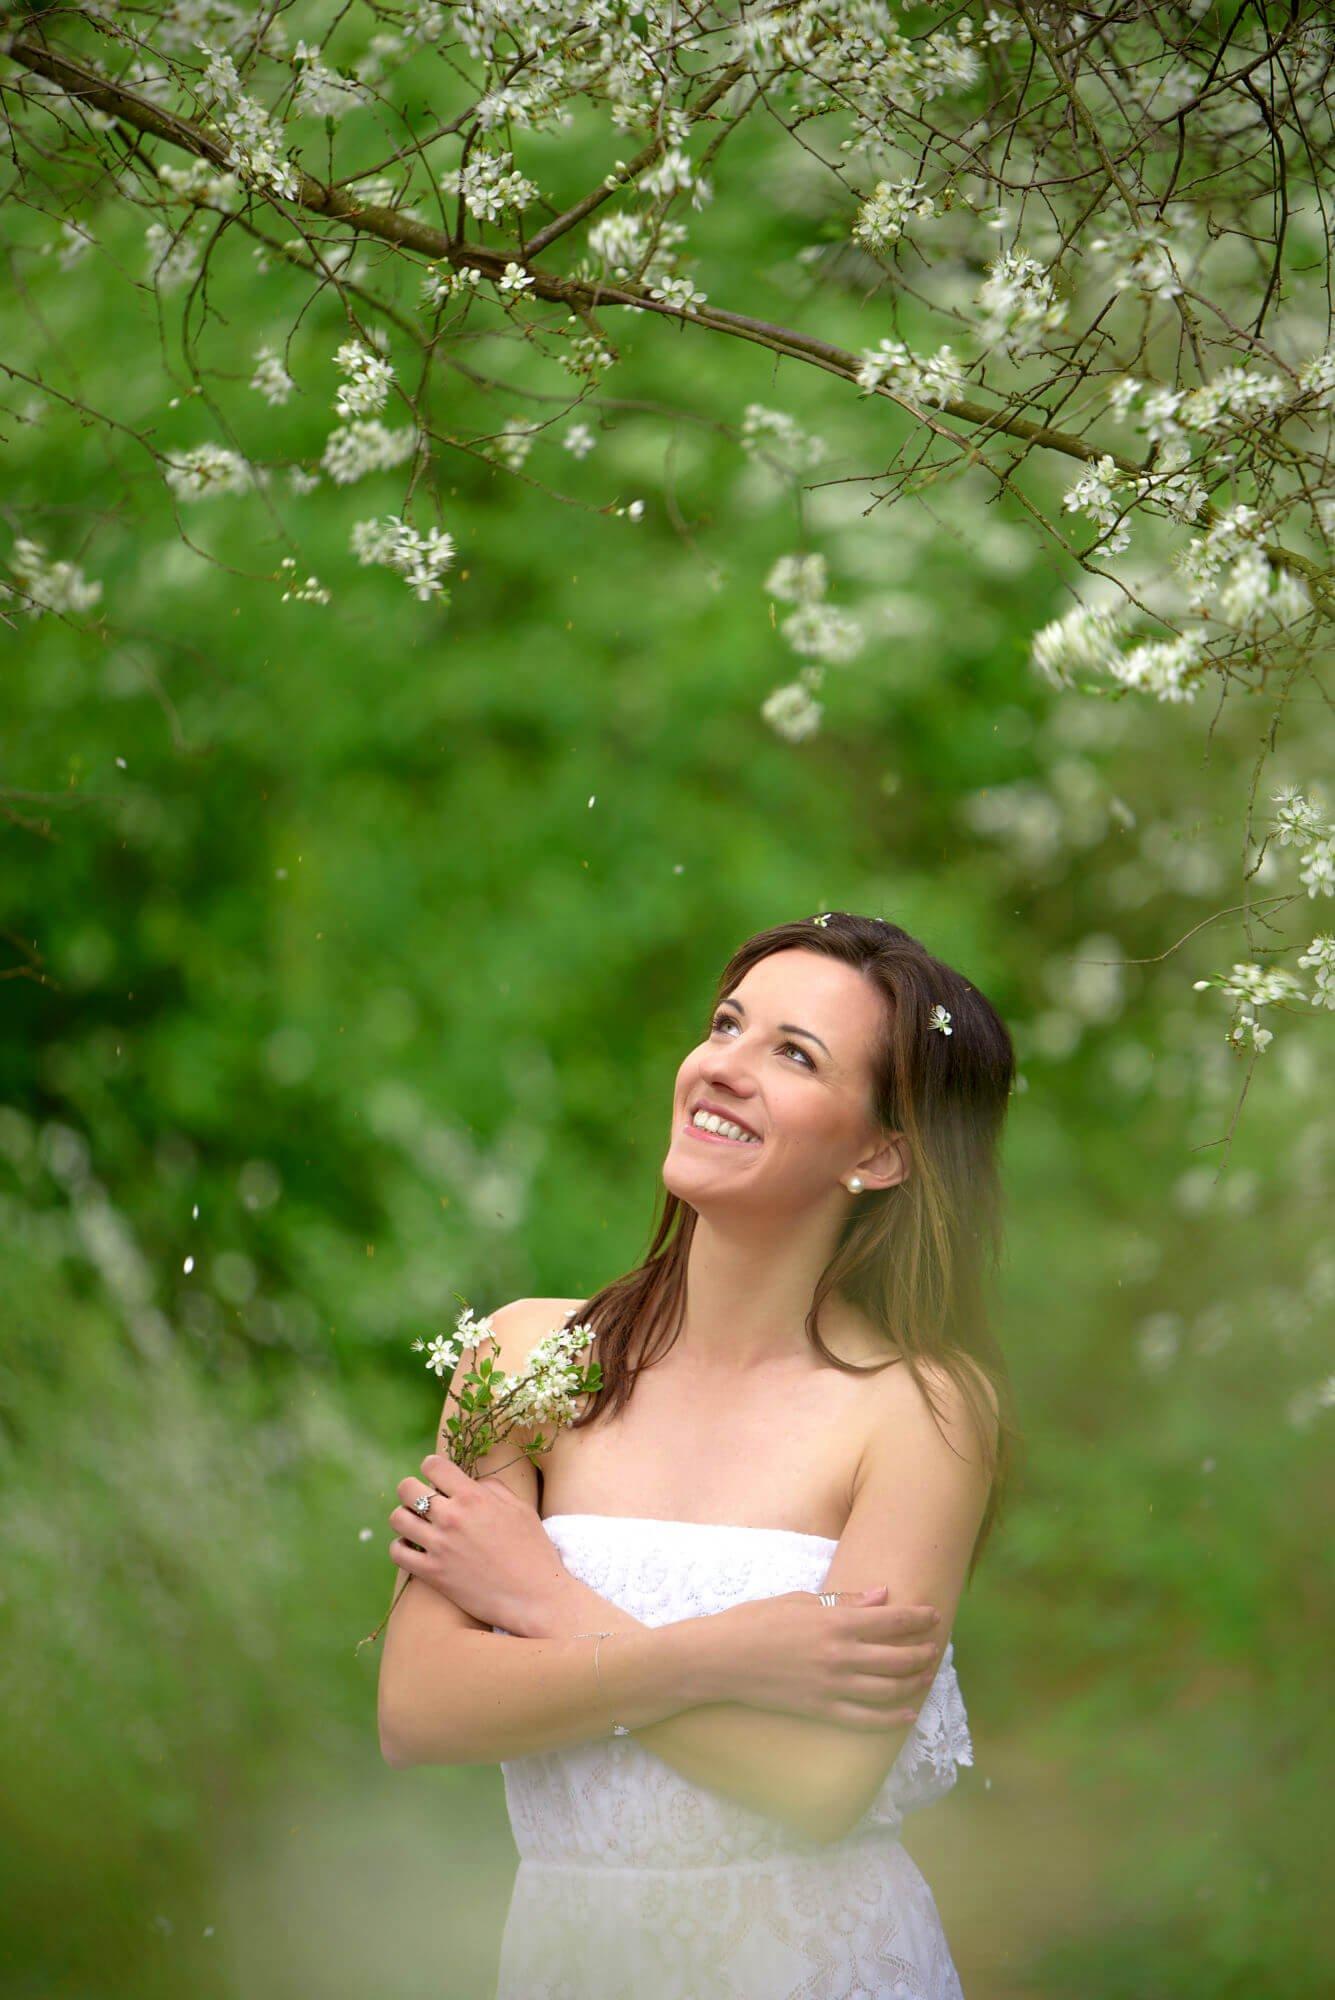 Aneta Štěpánková mezi kvetoucími stromy držící větvičky skvěty